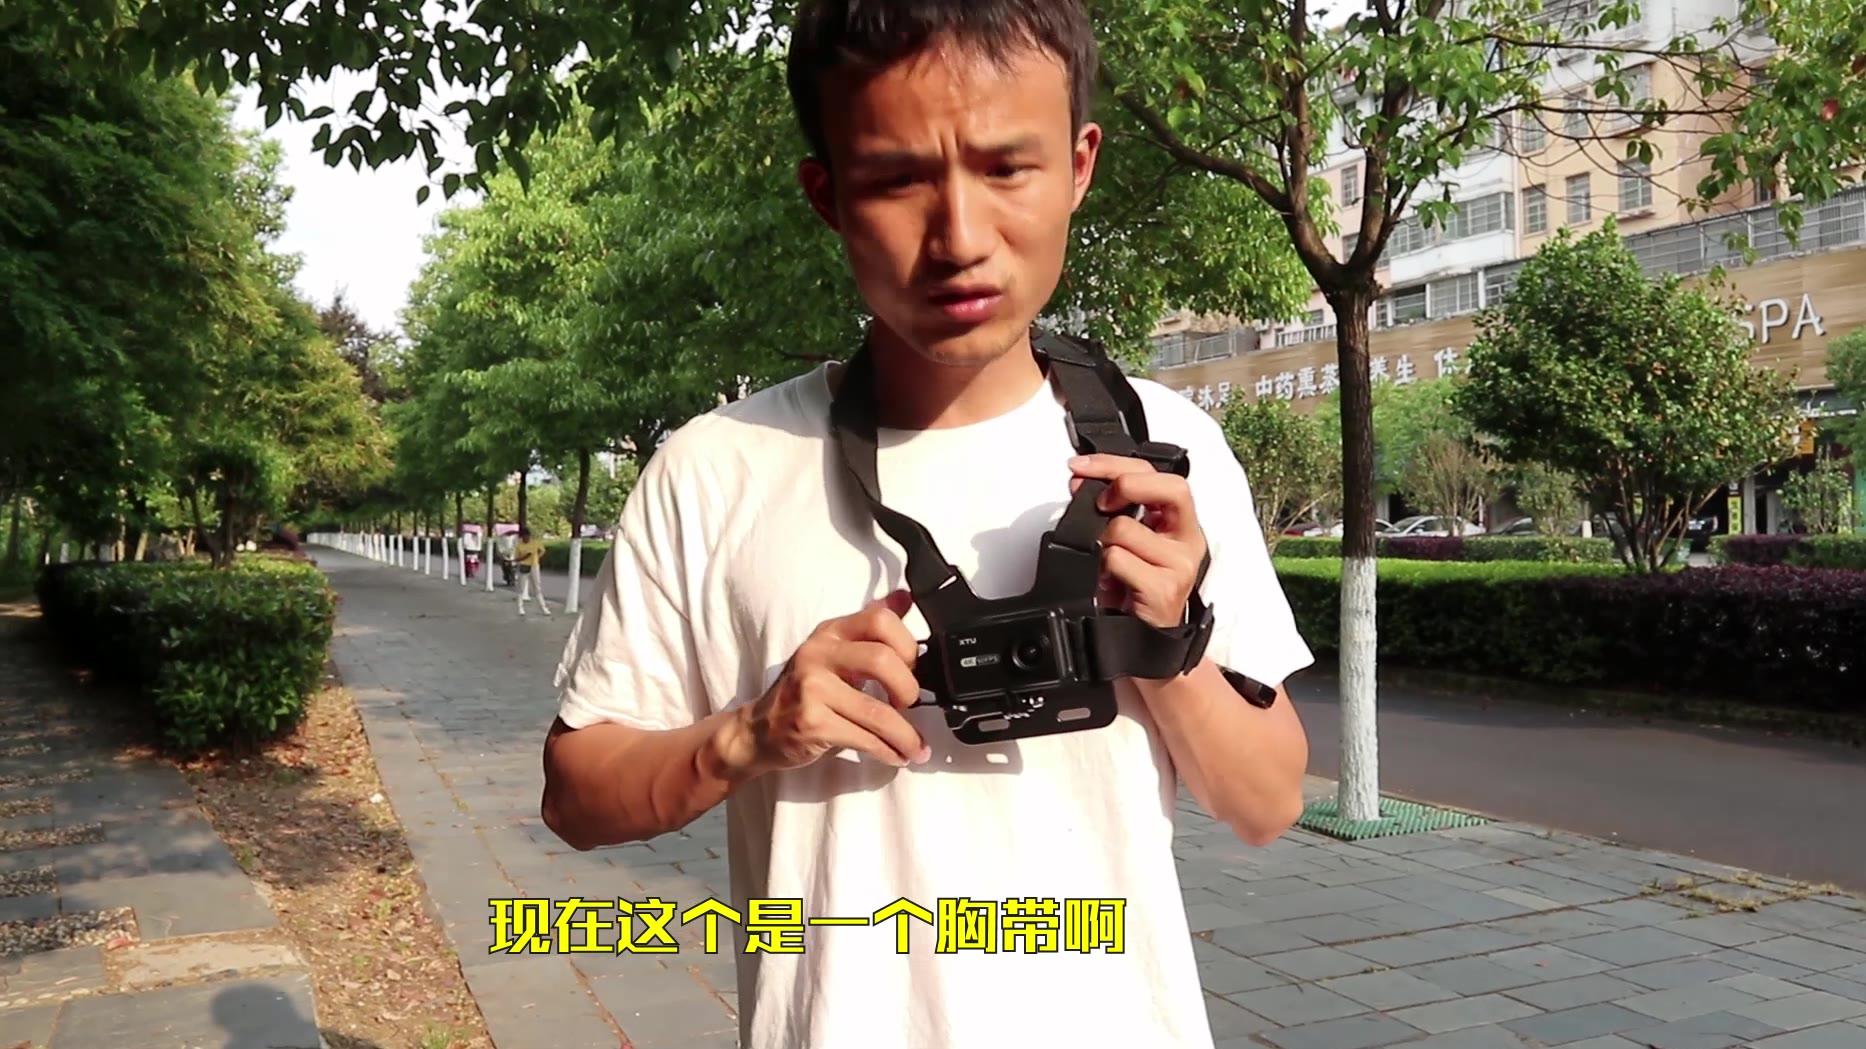 价格不到1000元运动相机,小伙用来旅拍,好用吗?